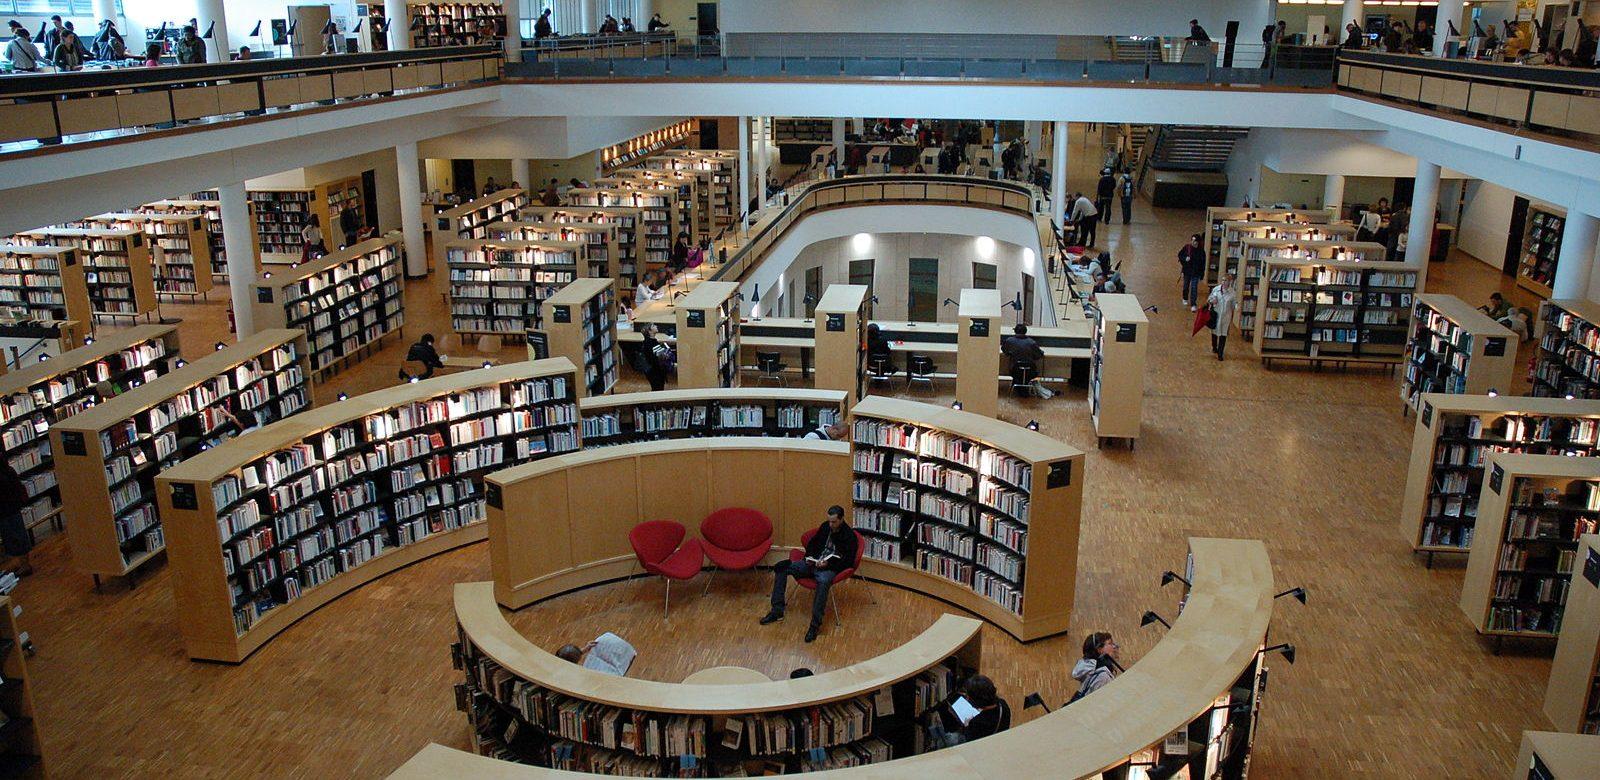 Un universitaire français distingué pour son implication dans l'avancée de la science au Liban